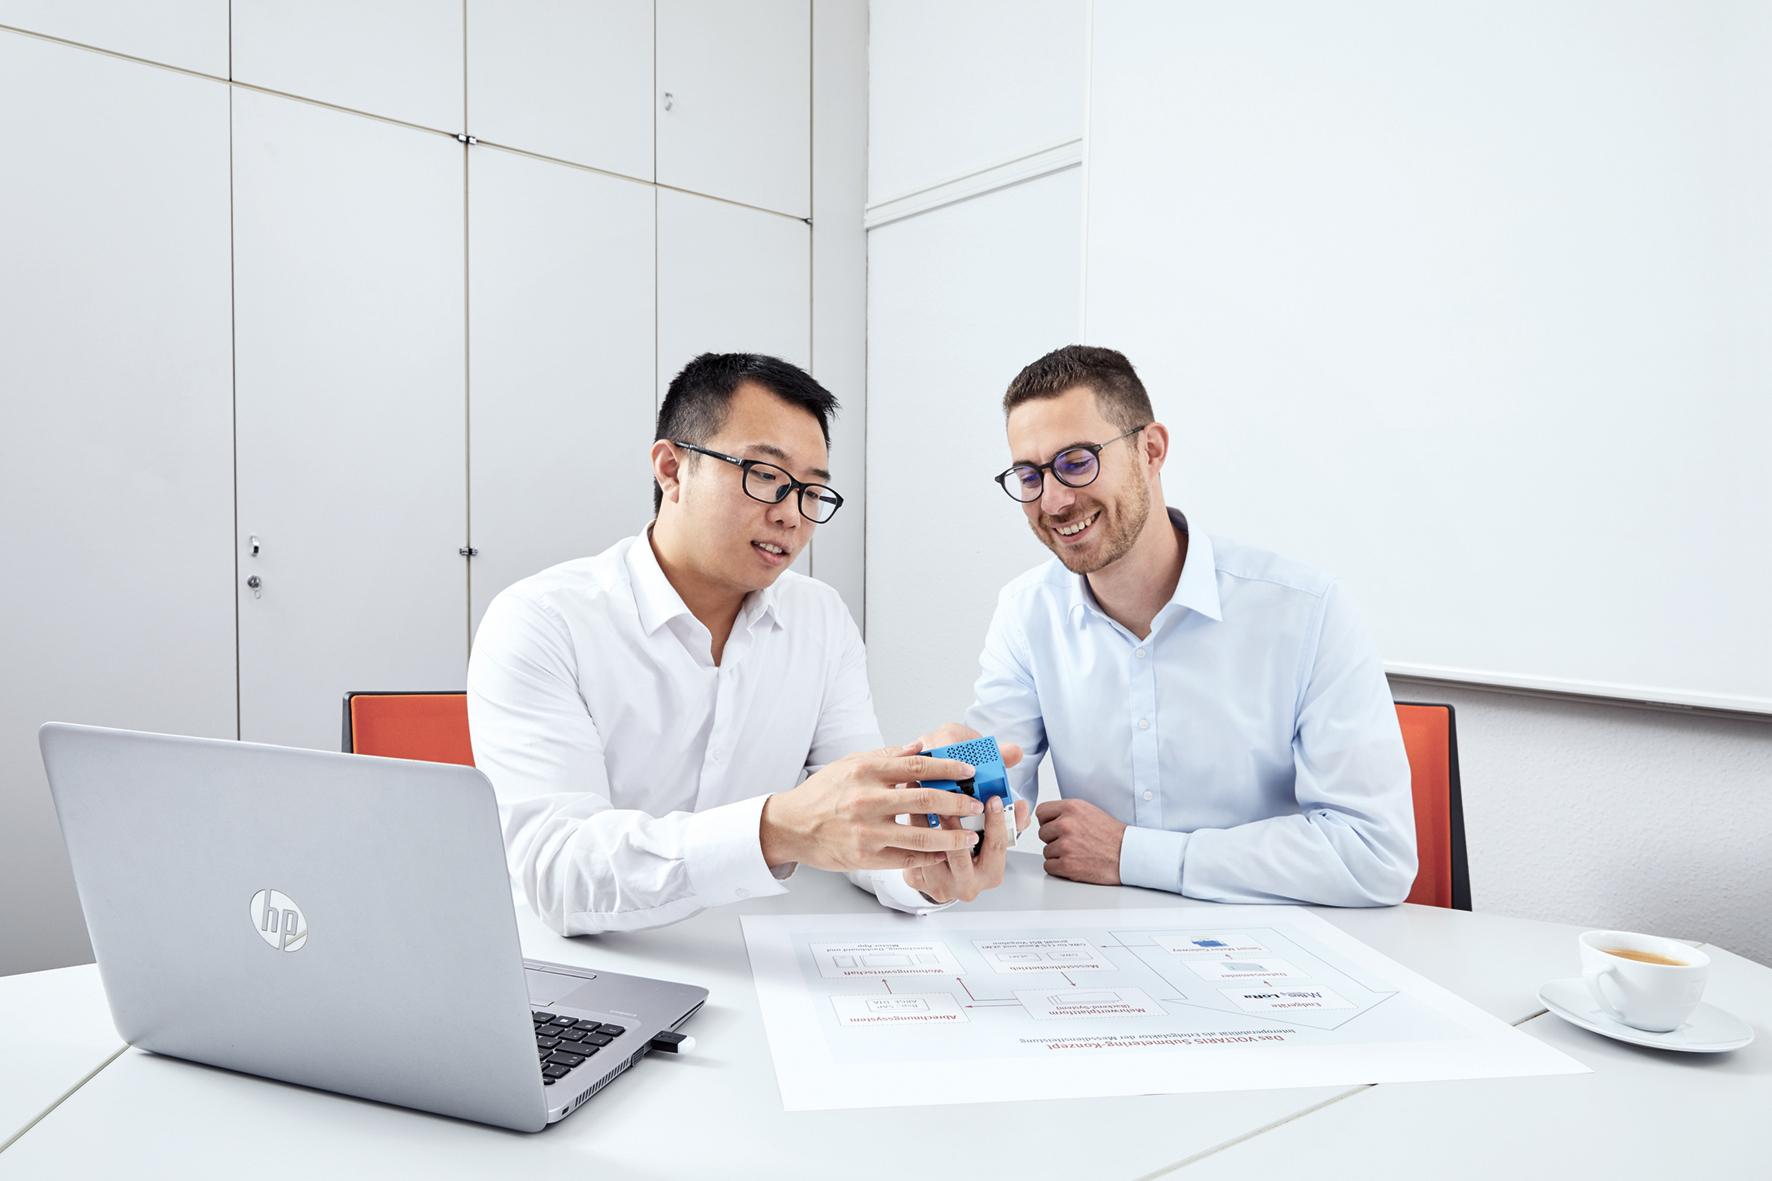 Für die Schnittstellenumsetzung hat VOLTARIS einen Projektzeitplan mit allen Prozessen erarbeitet.